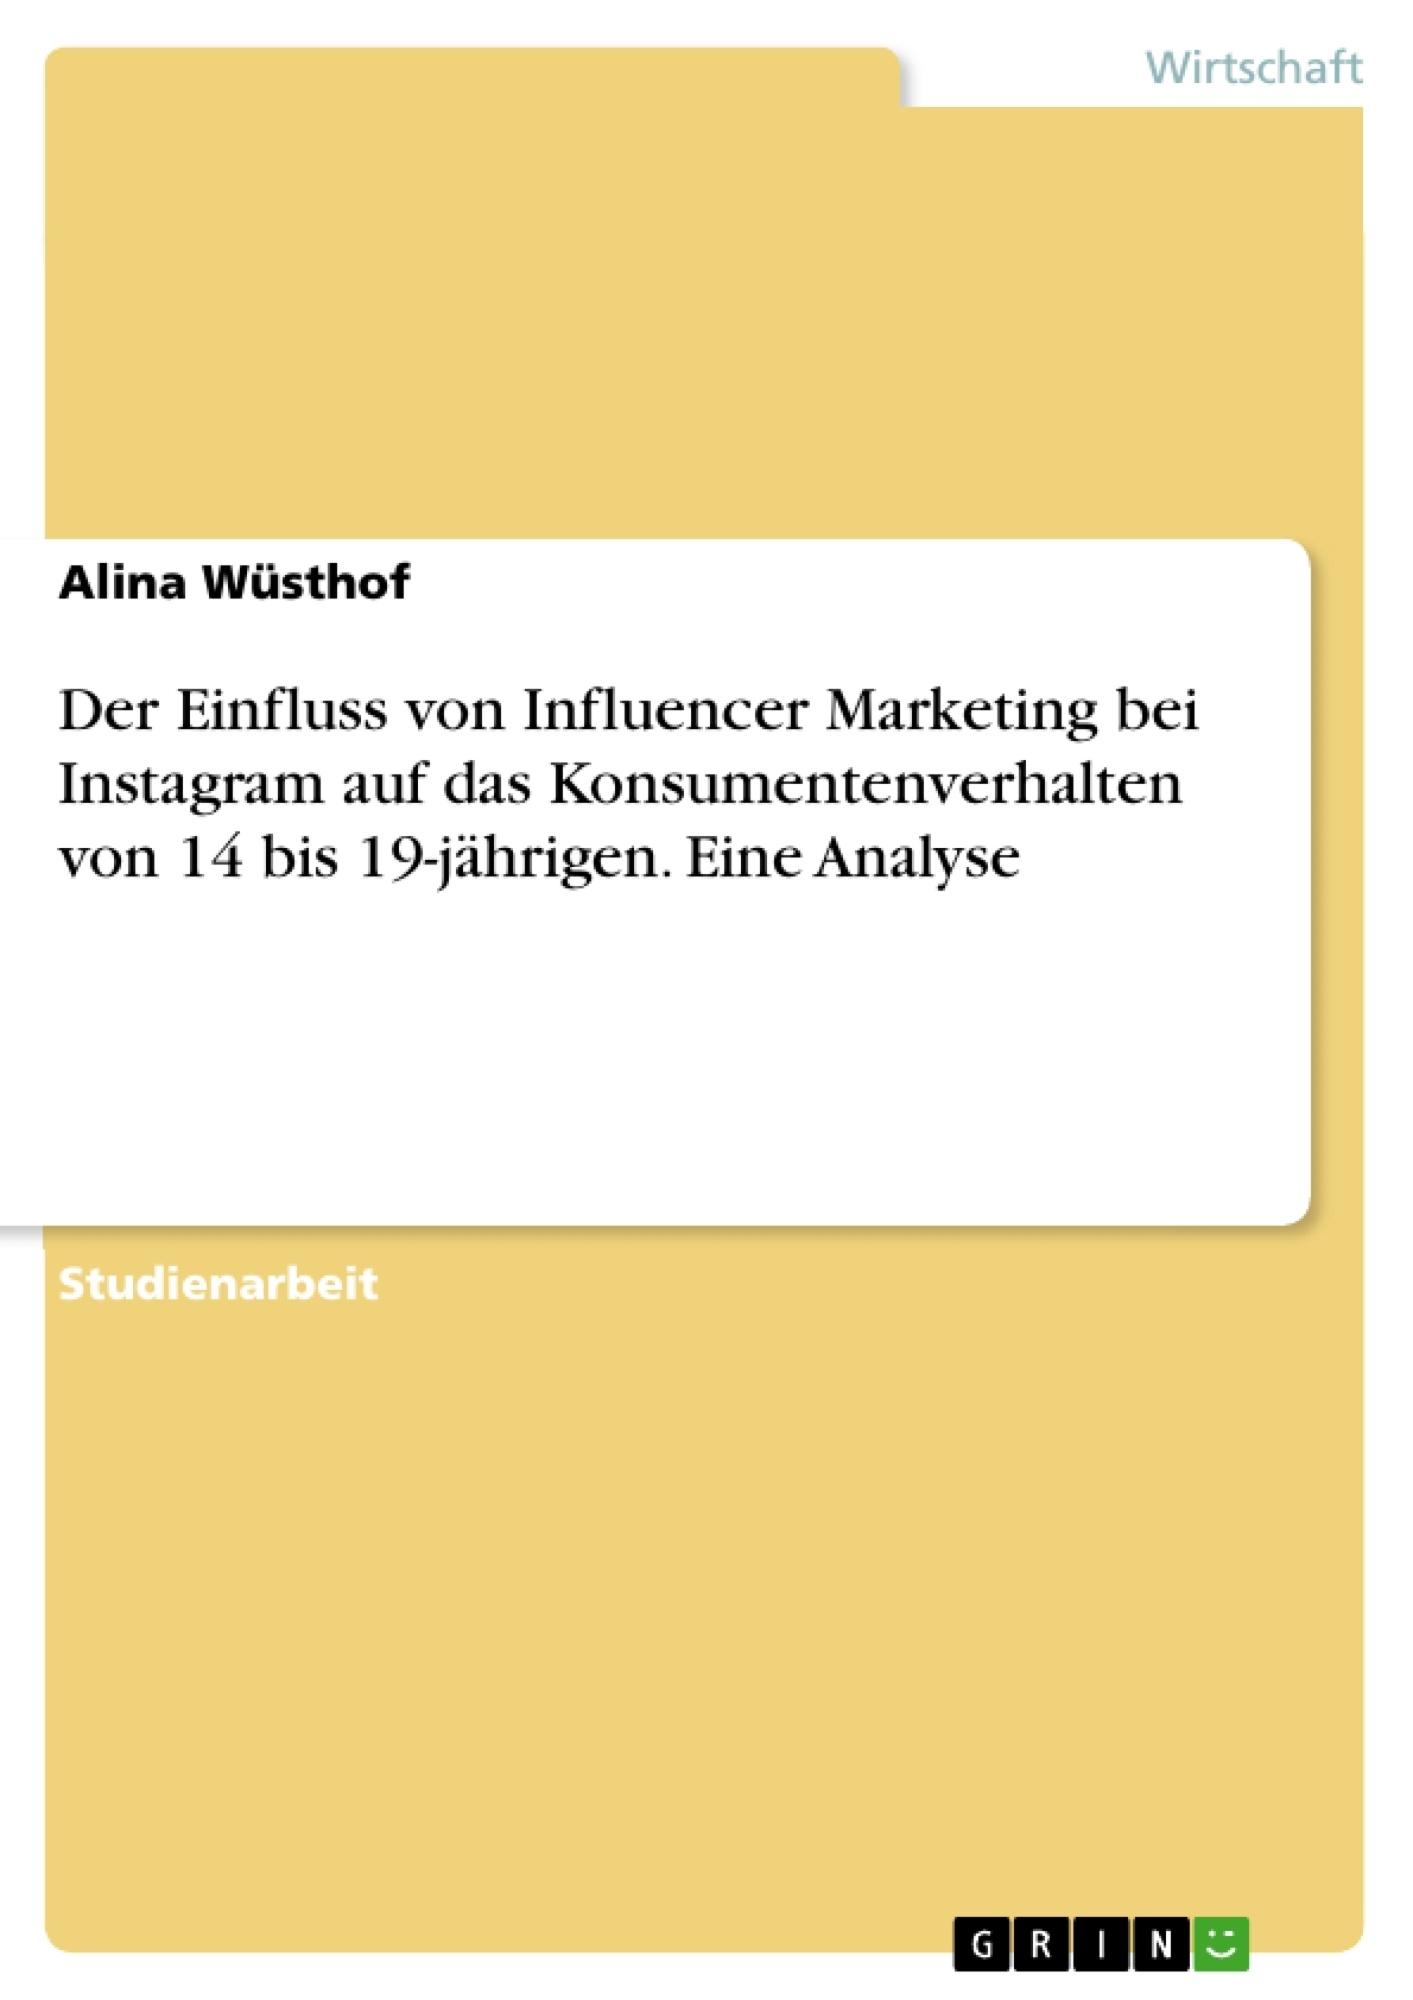 Titel: Der Einfluss von Influencer Marketing bei Instagram auf das Konsumentenverhalten von 14 bis 19-jährigen. Eine Analyse